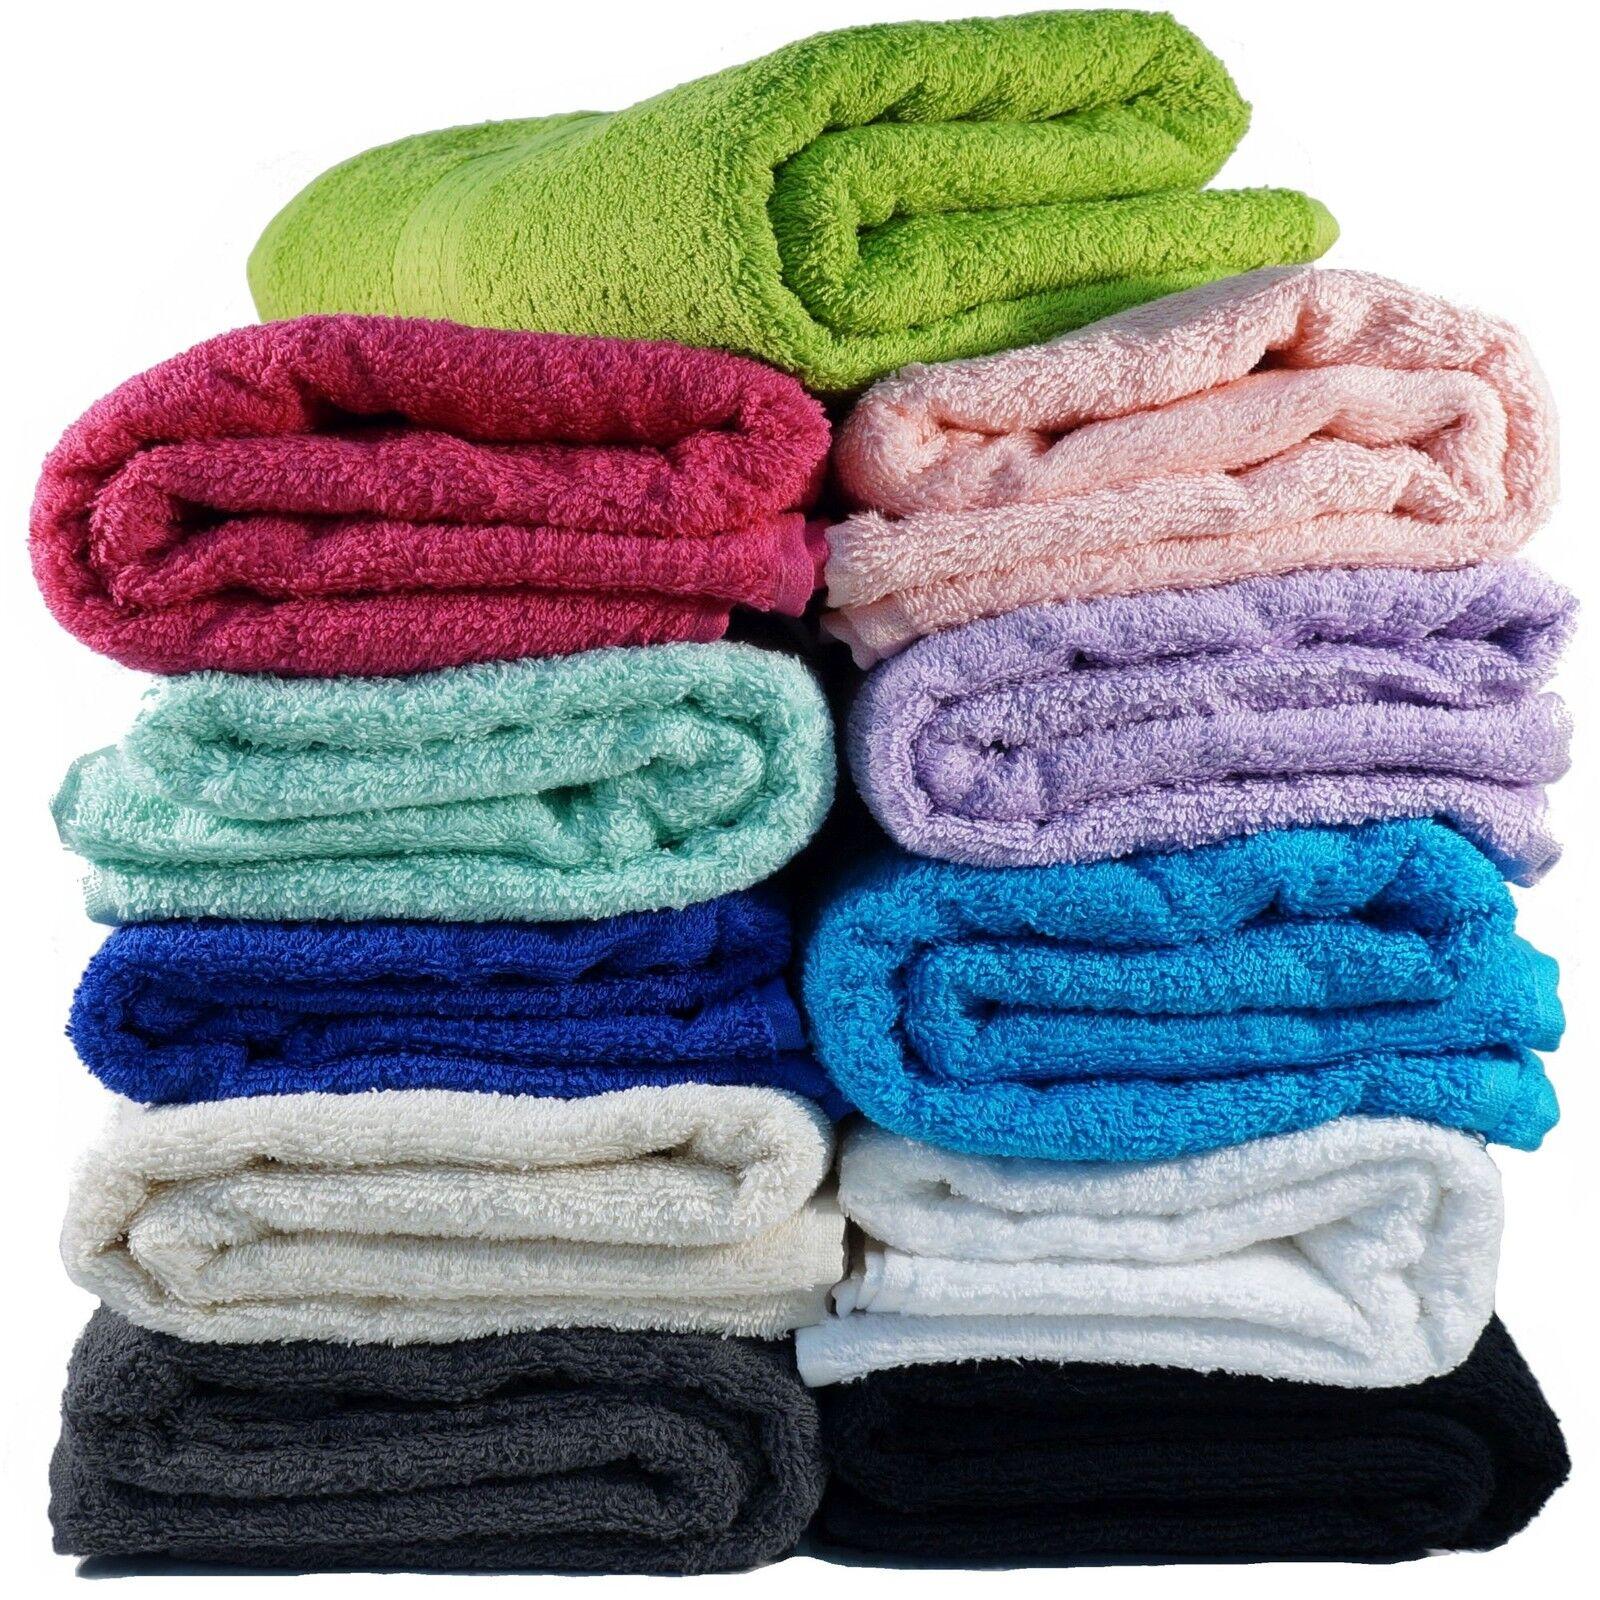 handt cher handtuch g stetuch duschtuch badetuch g stet cher duscht cher ebay. Black Bedroom Furniture Sets. Home Design Ideas